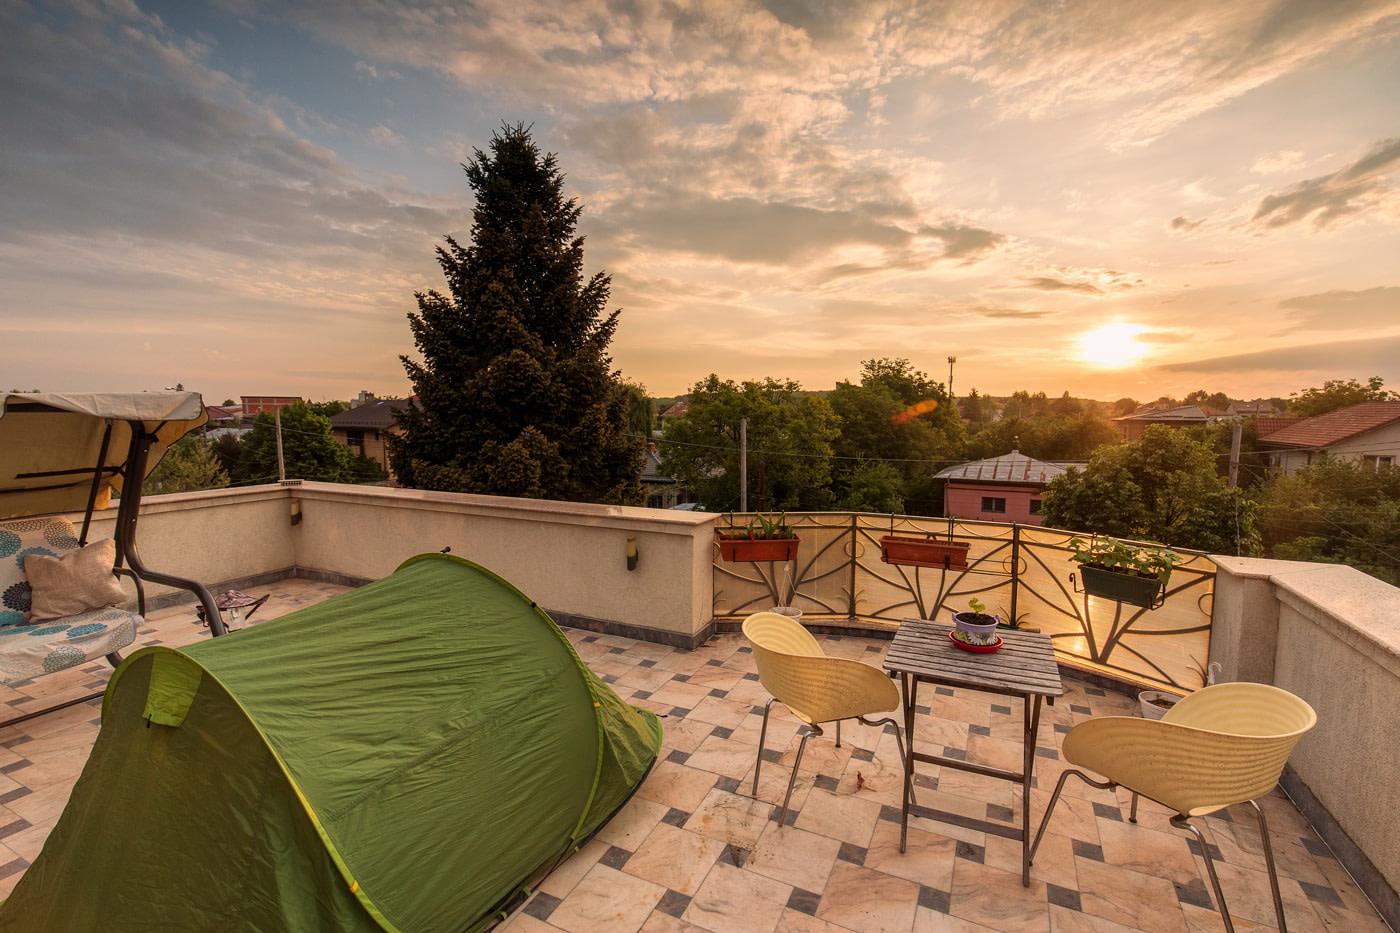 Balcony tent